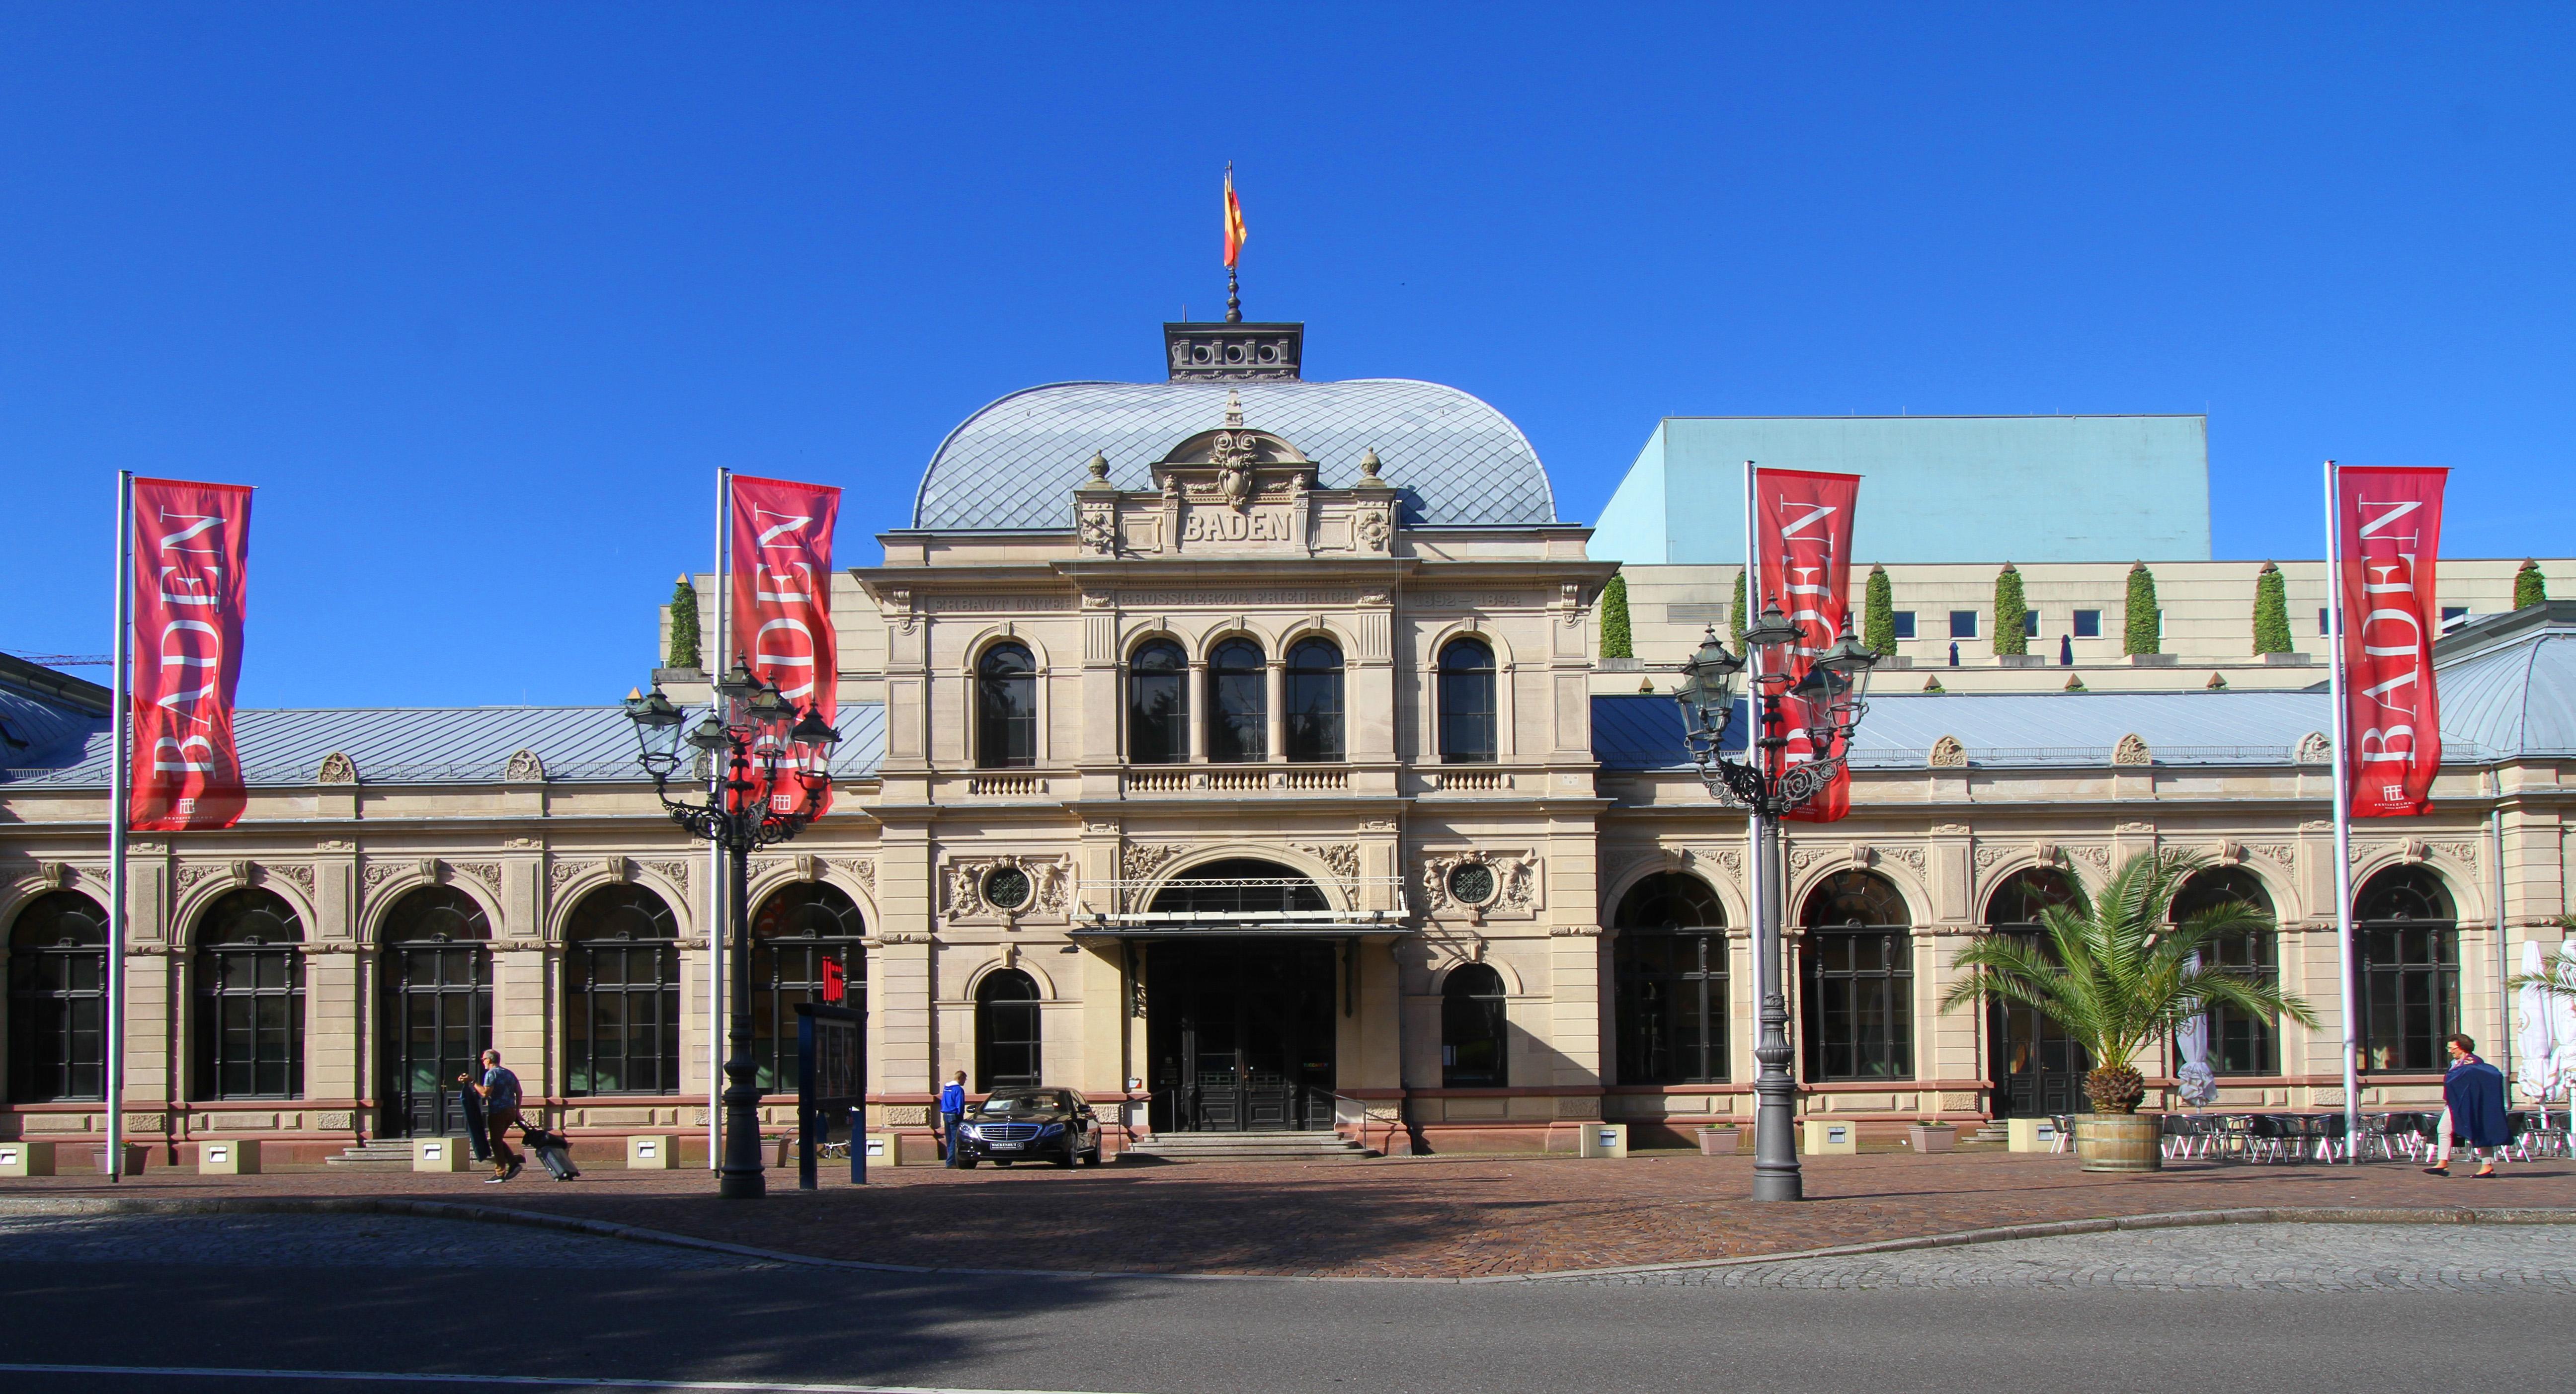 Baden Badeb Festspielhaus